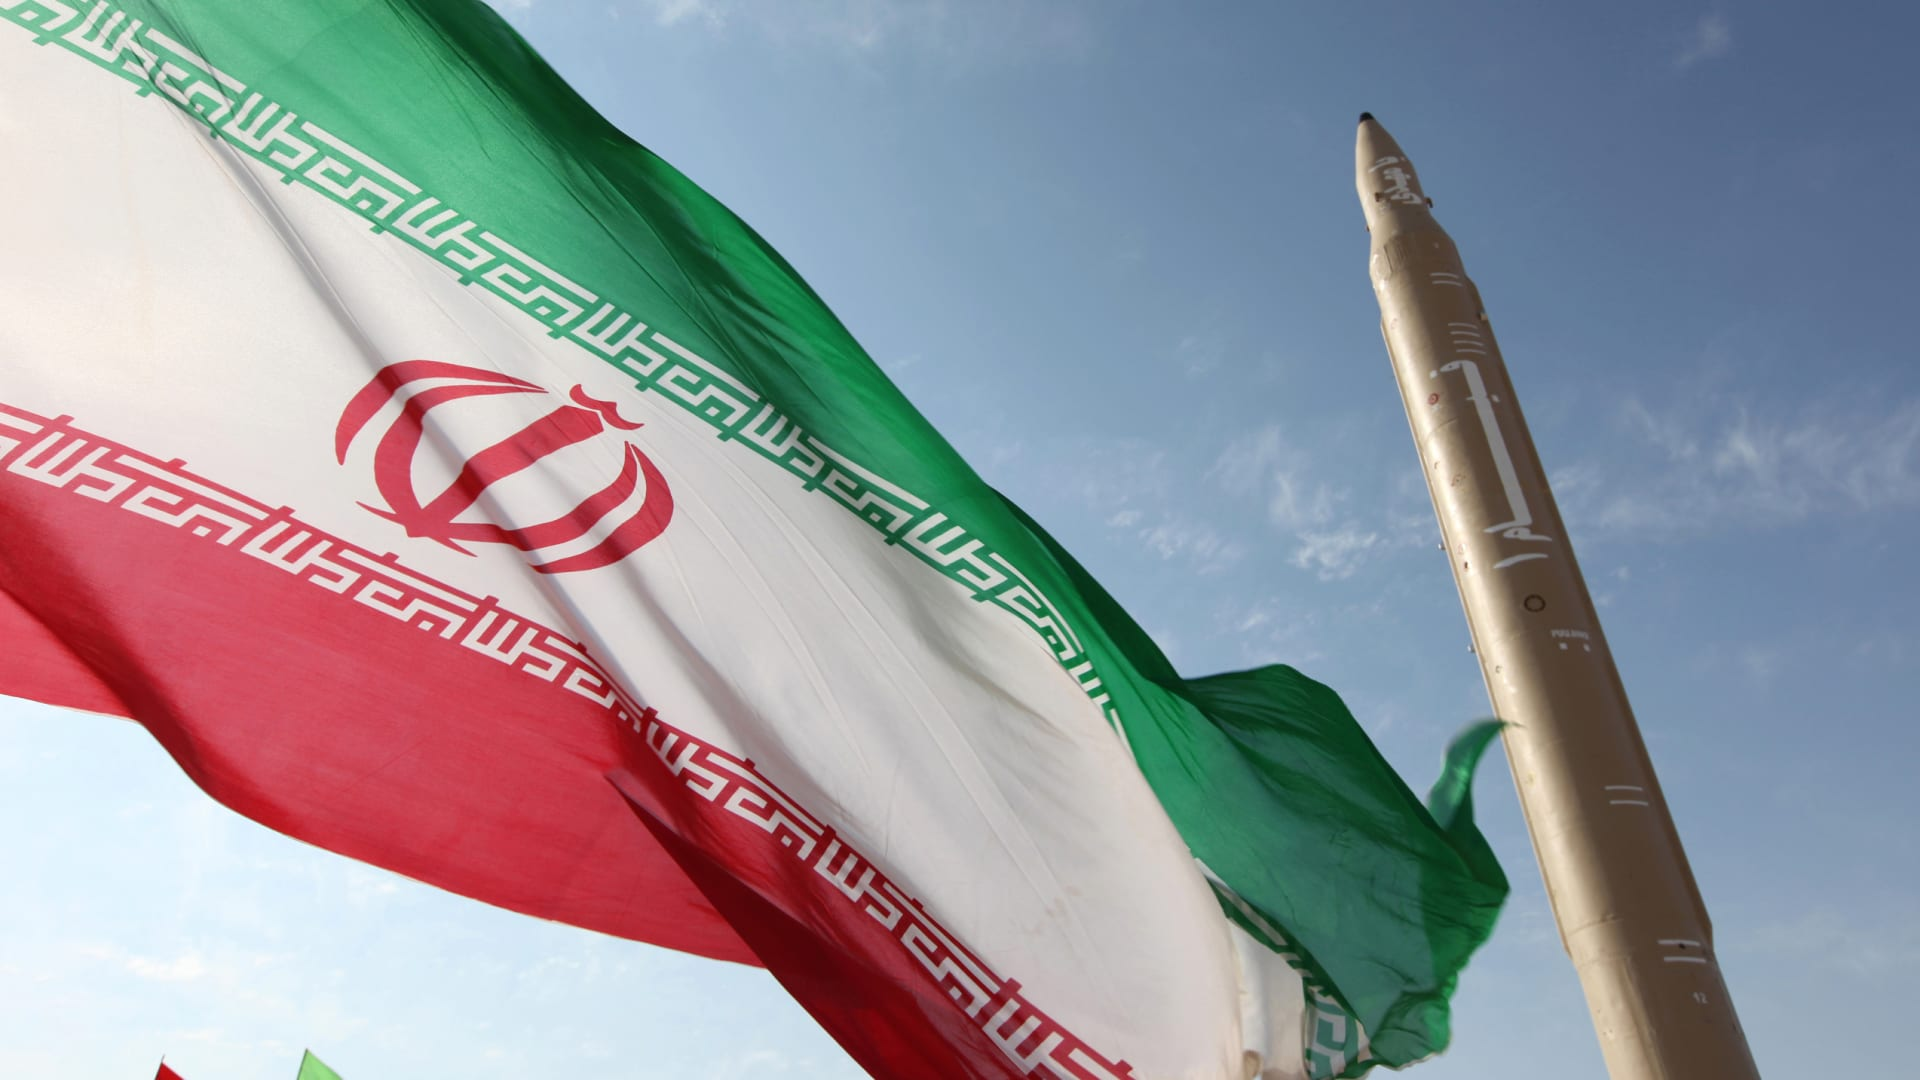 """إيران تحذر من """"مغامرة"""" ضدها وتصف اتهامها باتسهداف الناقلة بـ""""التهمة الواهية"""""""